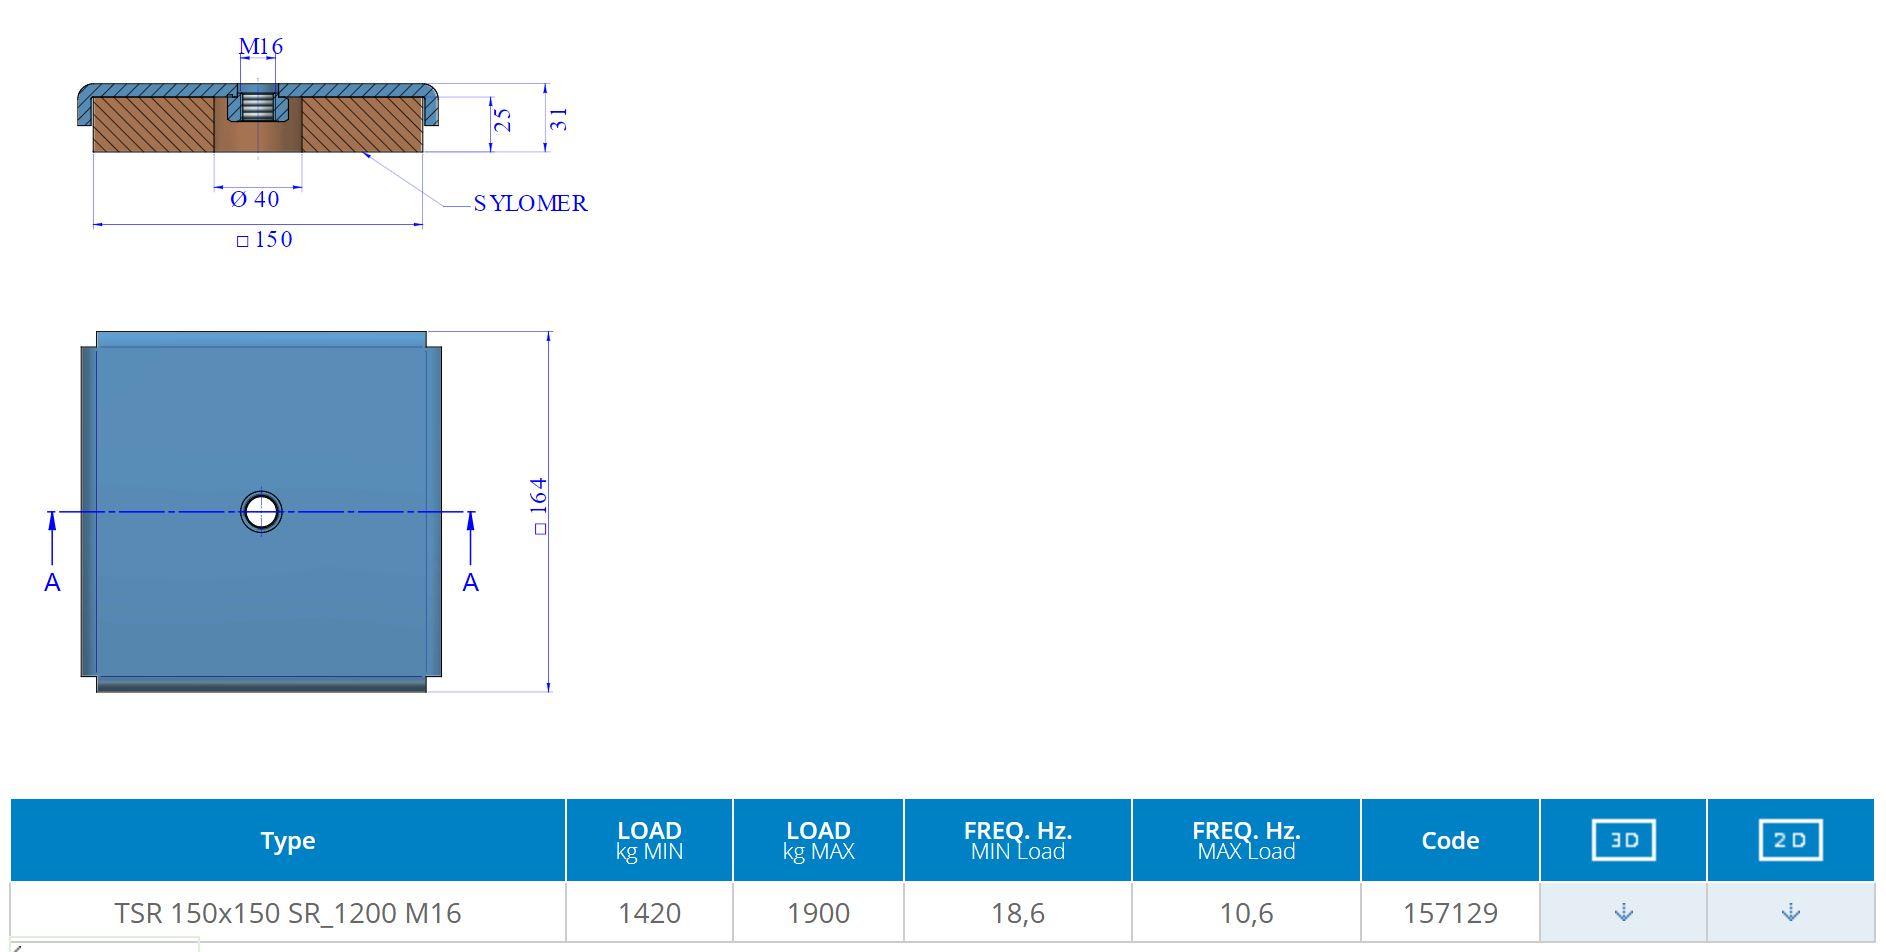 TSR 150X150 SR_1200 M16